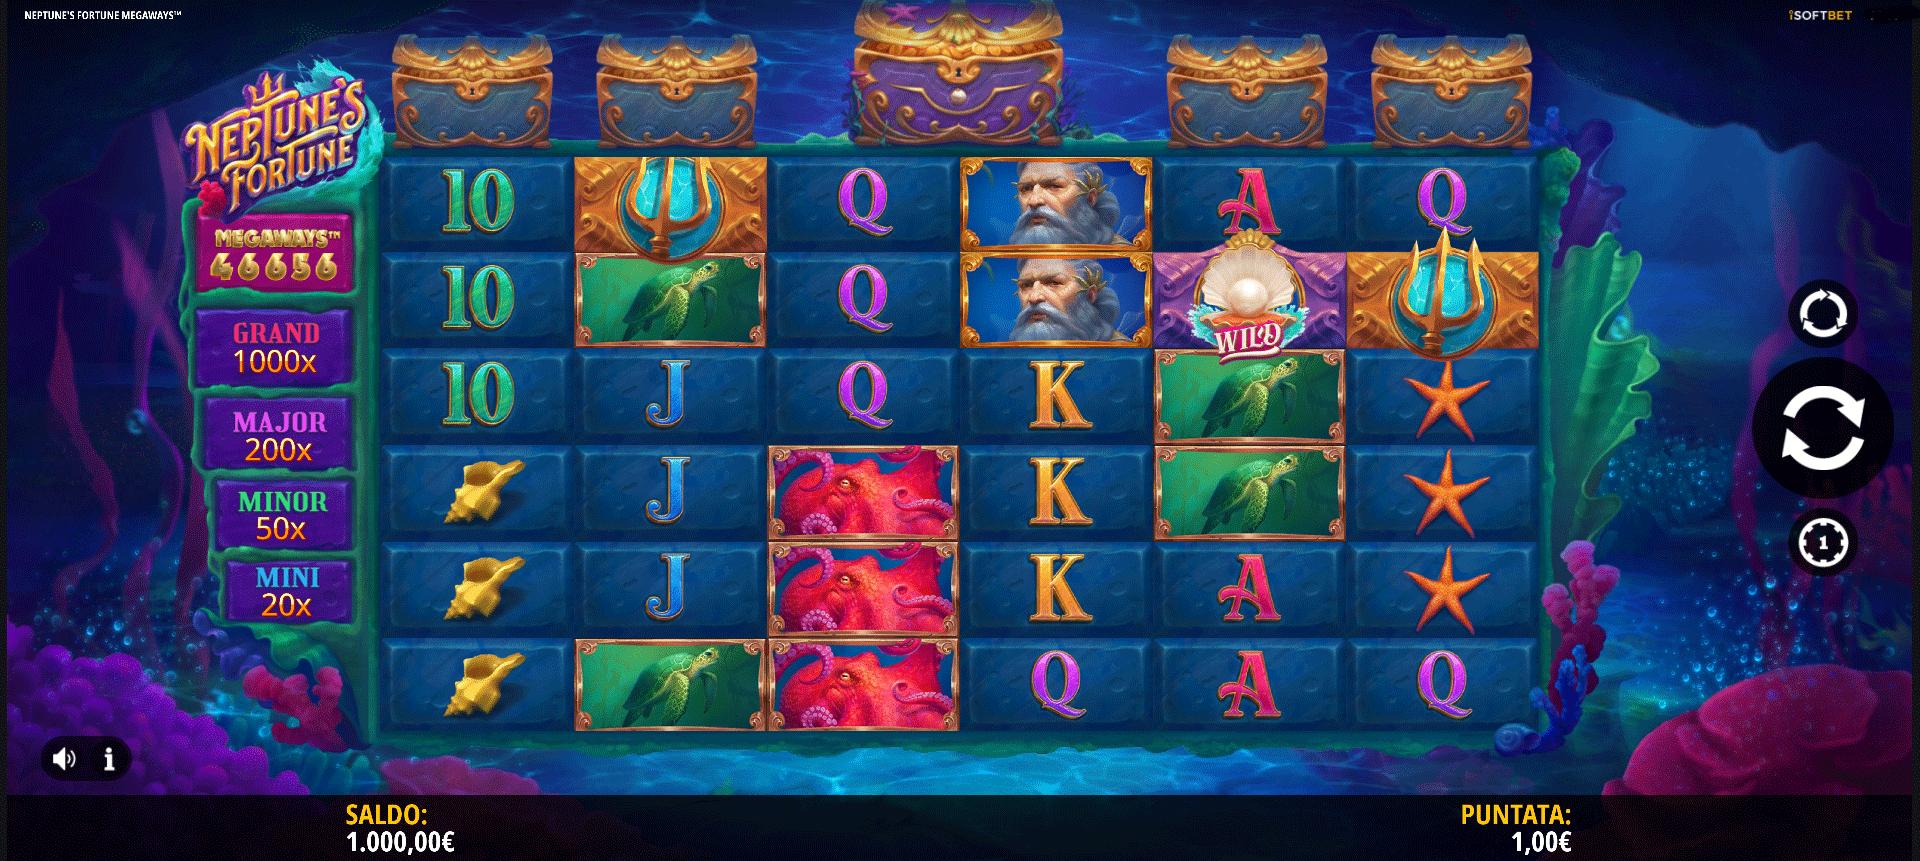 Slot Neptune's Fortune Megaways